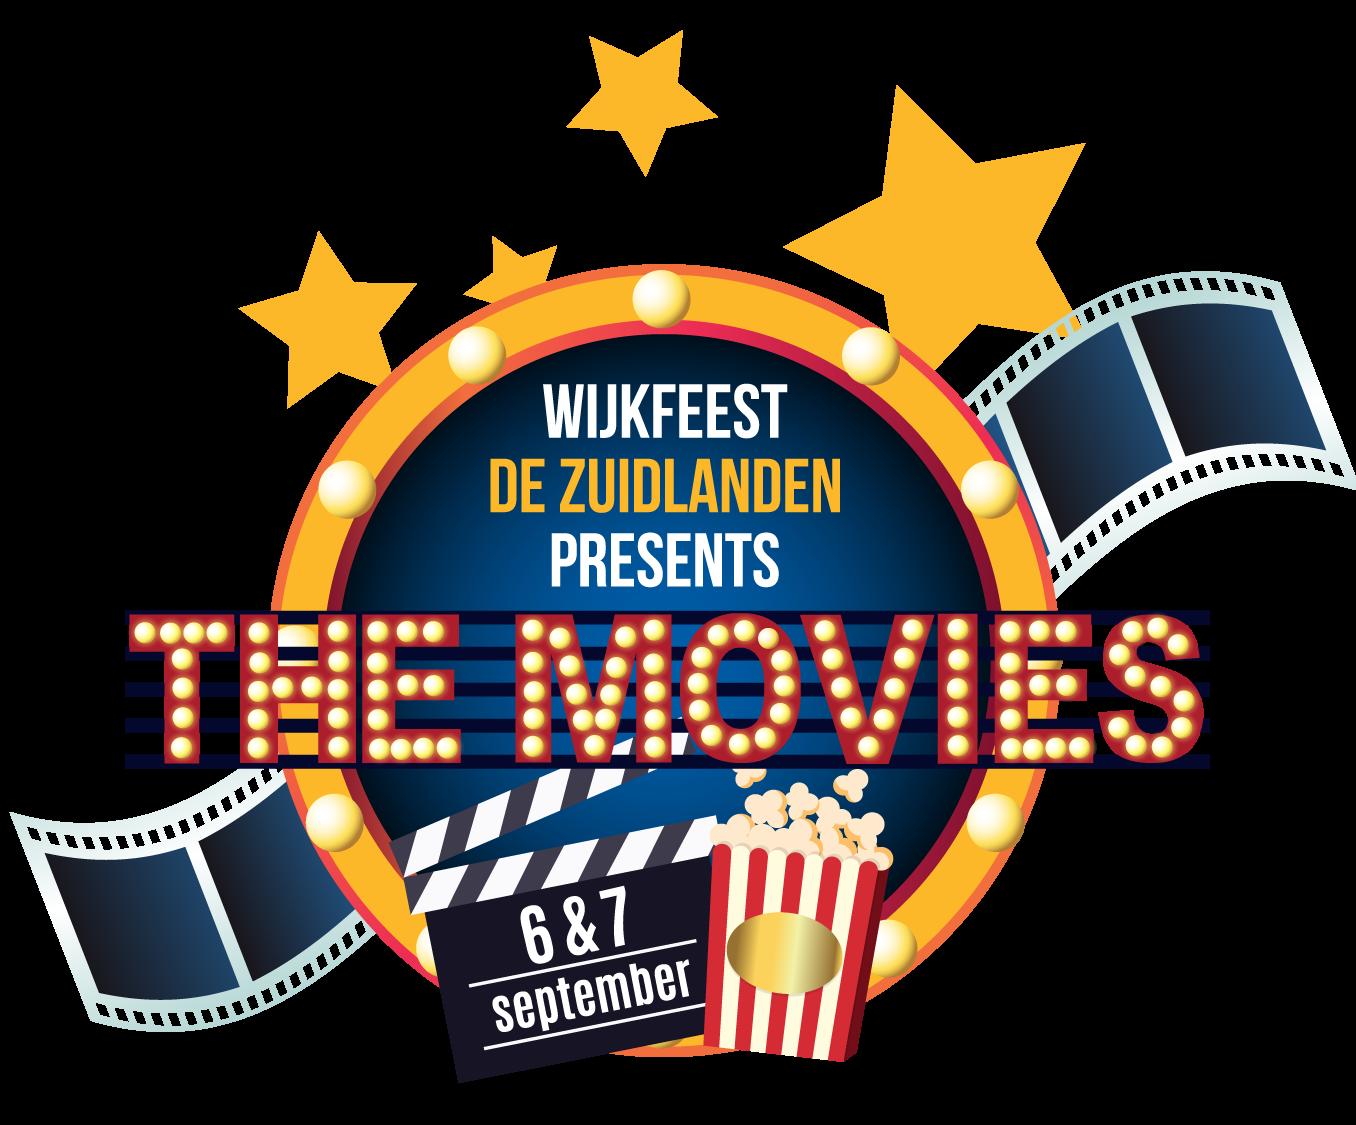 WIjkfeest de Zuidlande Beeldmerk 2019 The Movies